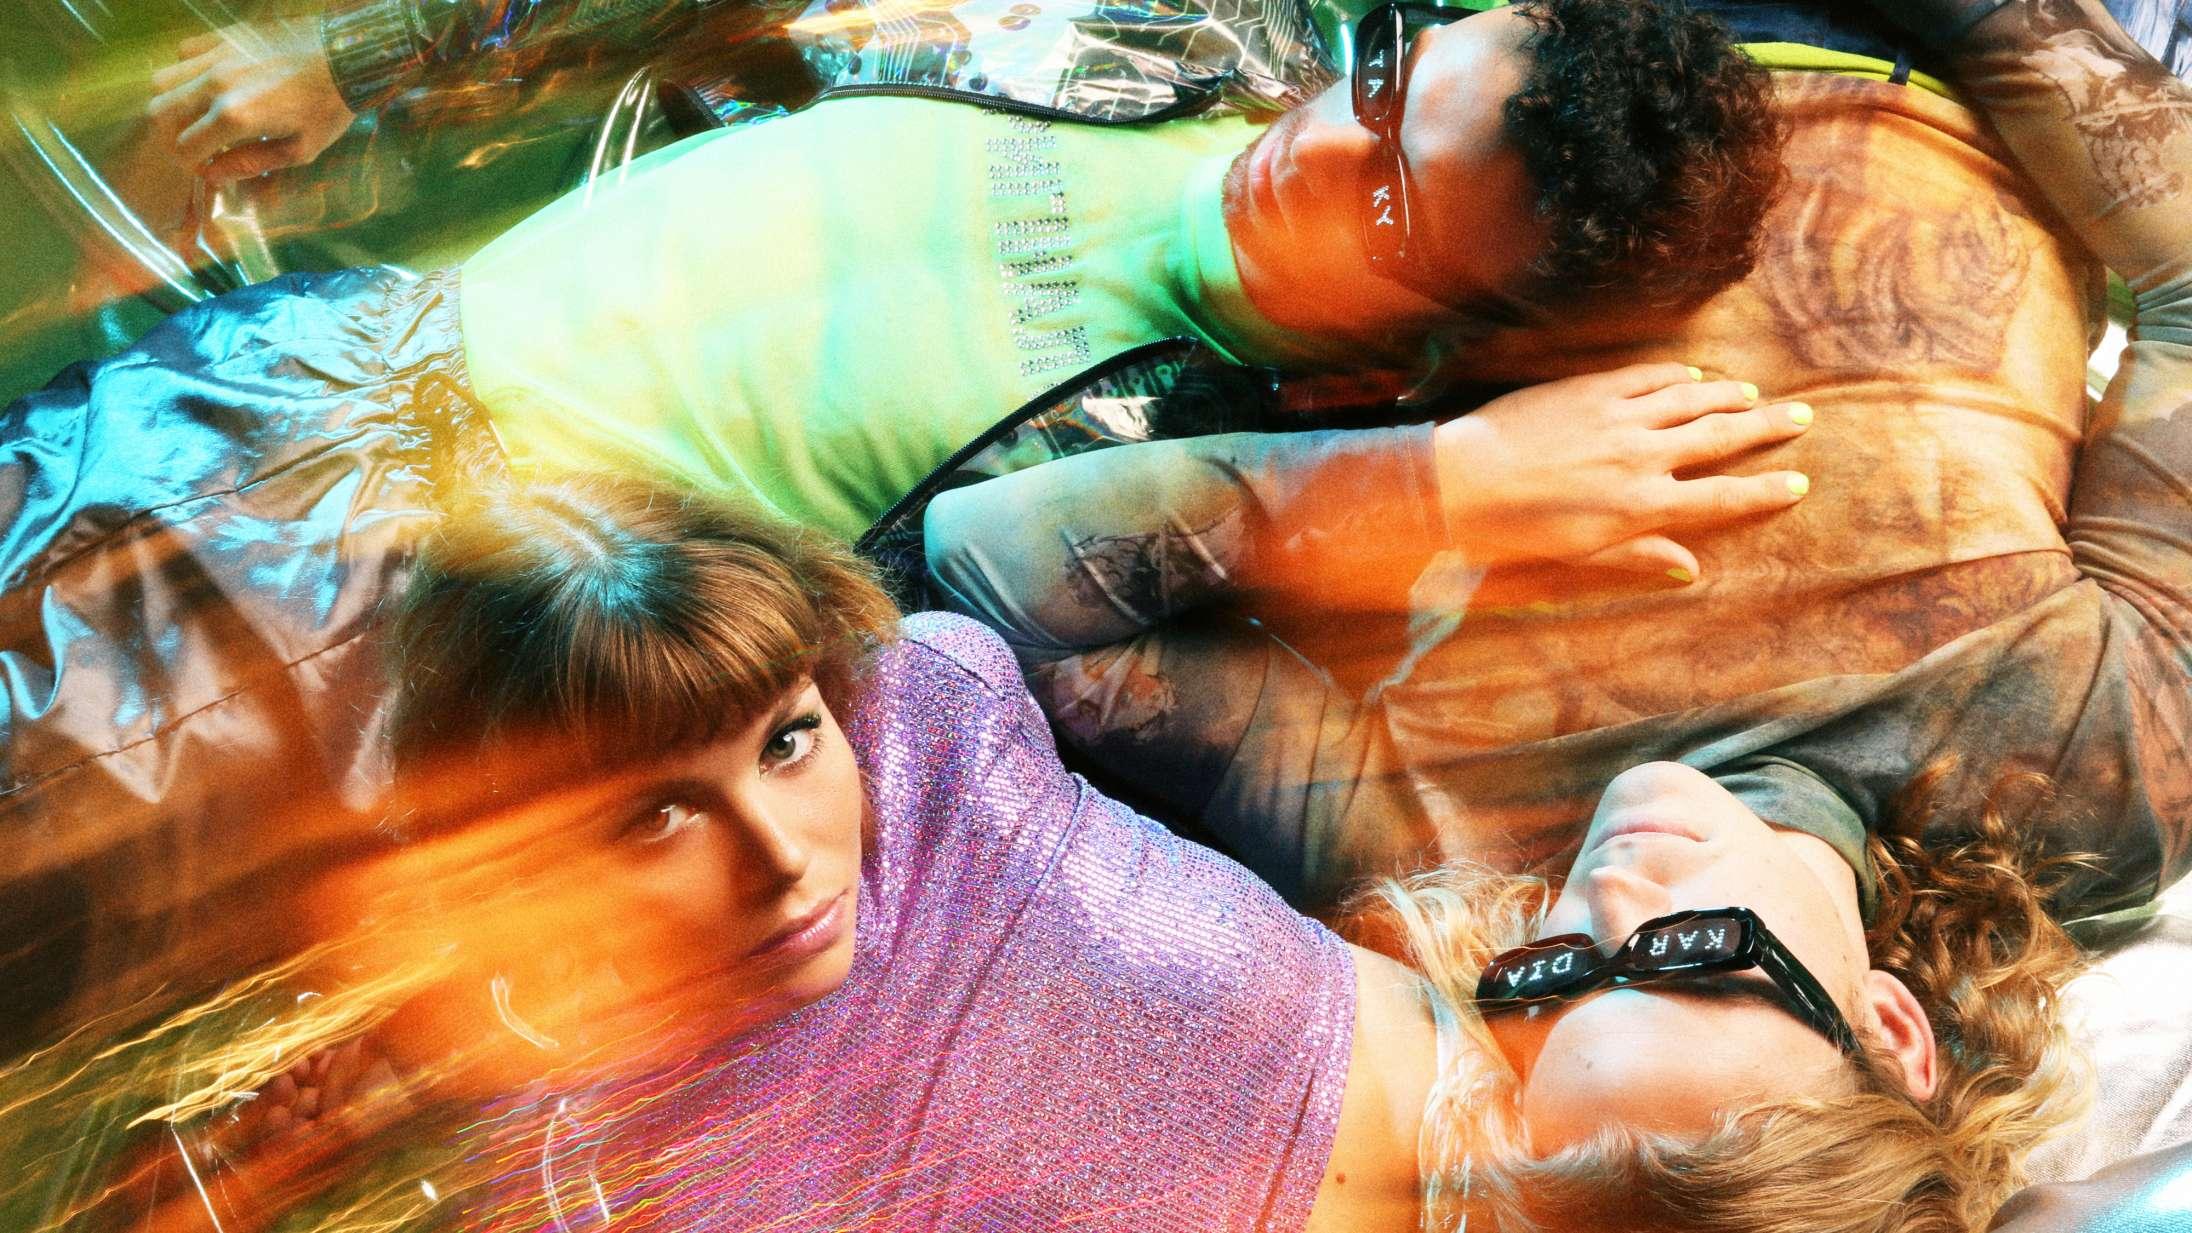 Takykardias progressive popmusik er både vidunderligt vellydende og emotionelt slagkraftig